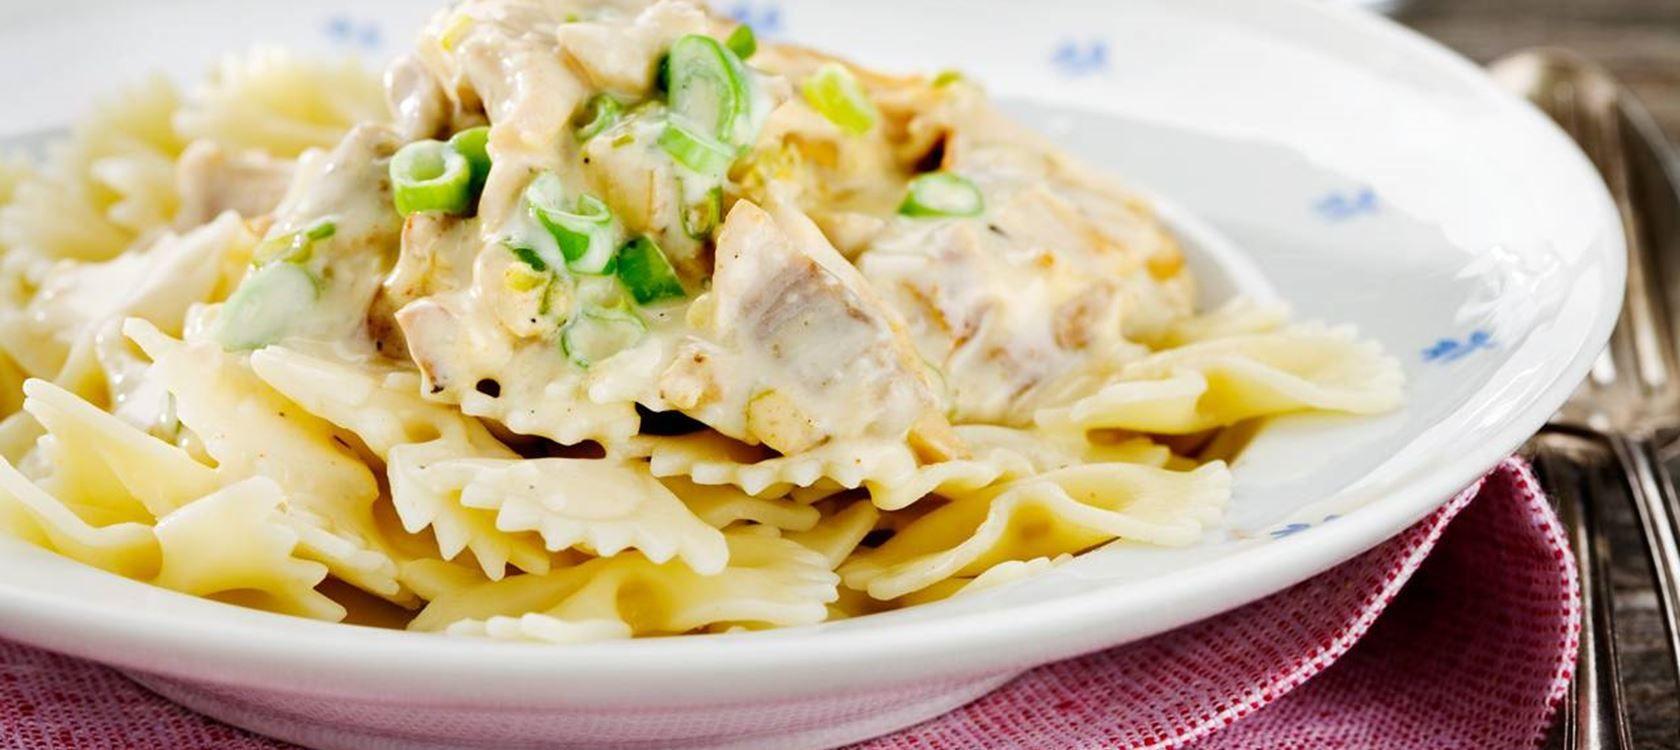 Pasta Med Italiensk Kyckling Recept Italiensk Kyckling Mat